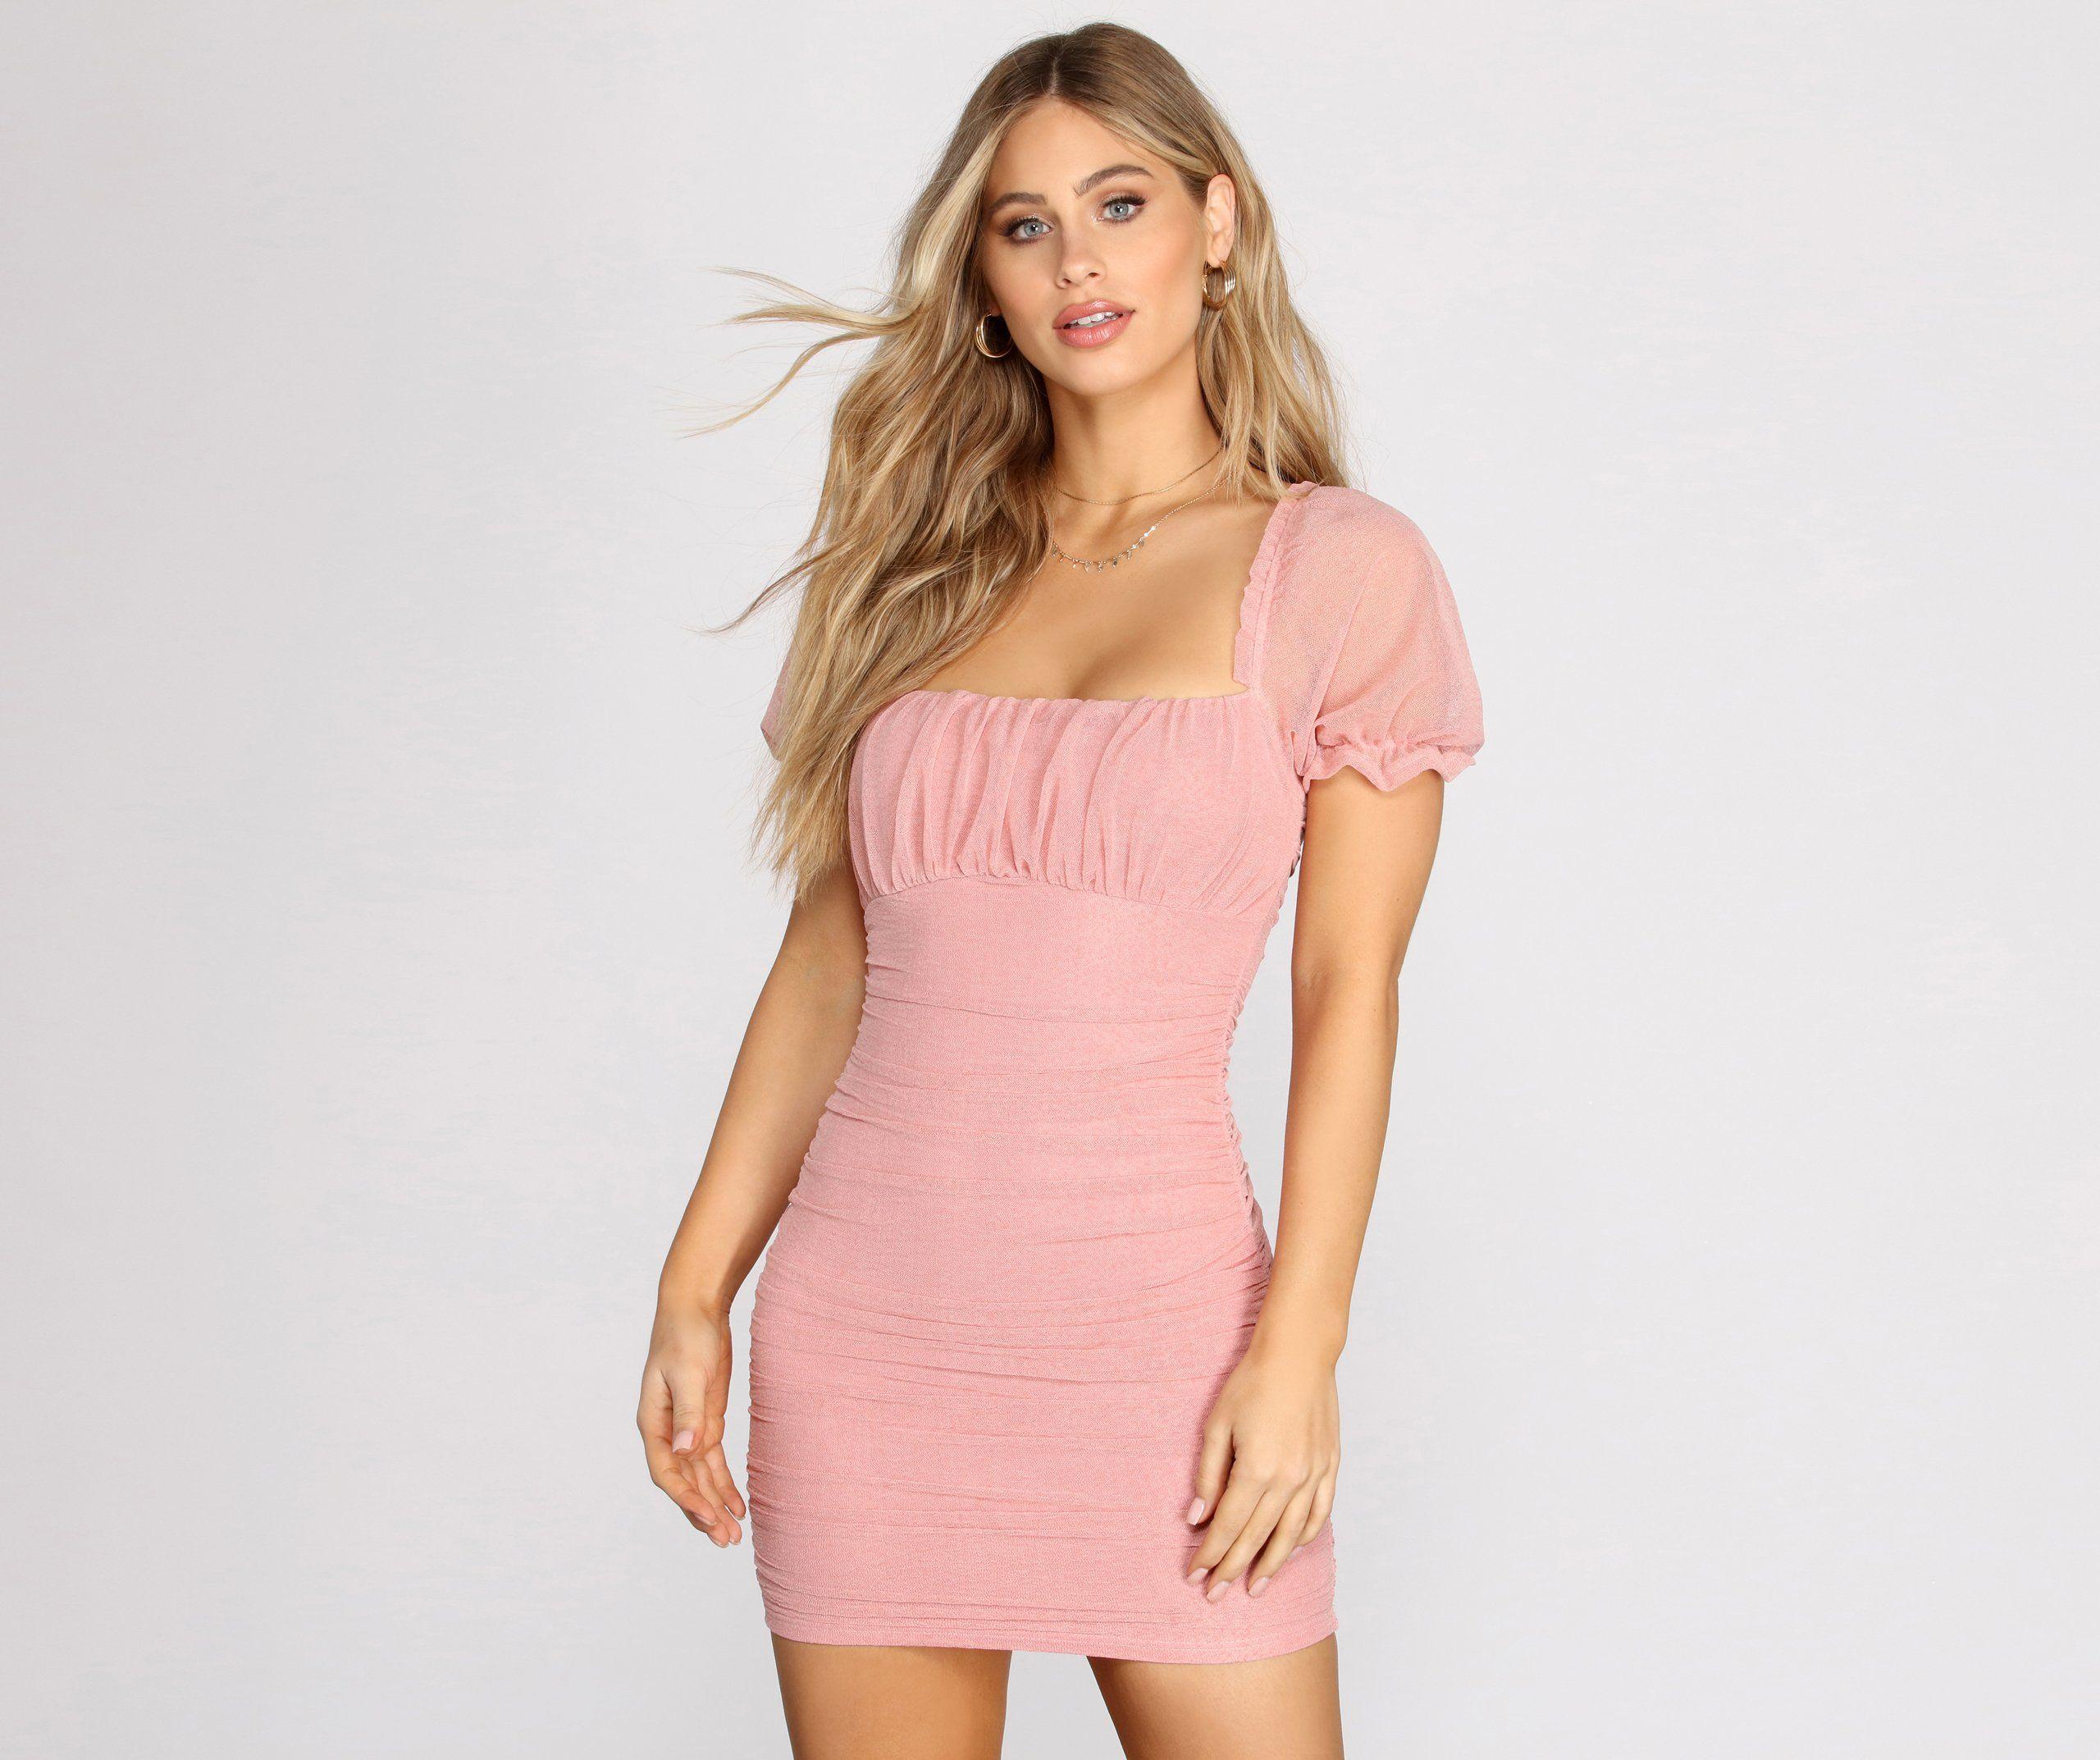 Romance In Ruffles Mini Dress In 2021 Mini Dress Pink Dress Casual Ruffle Mini Dress [ 2145 x 2560 Pixel ]